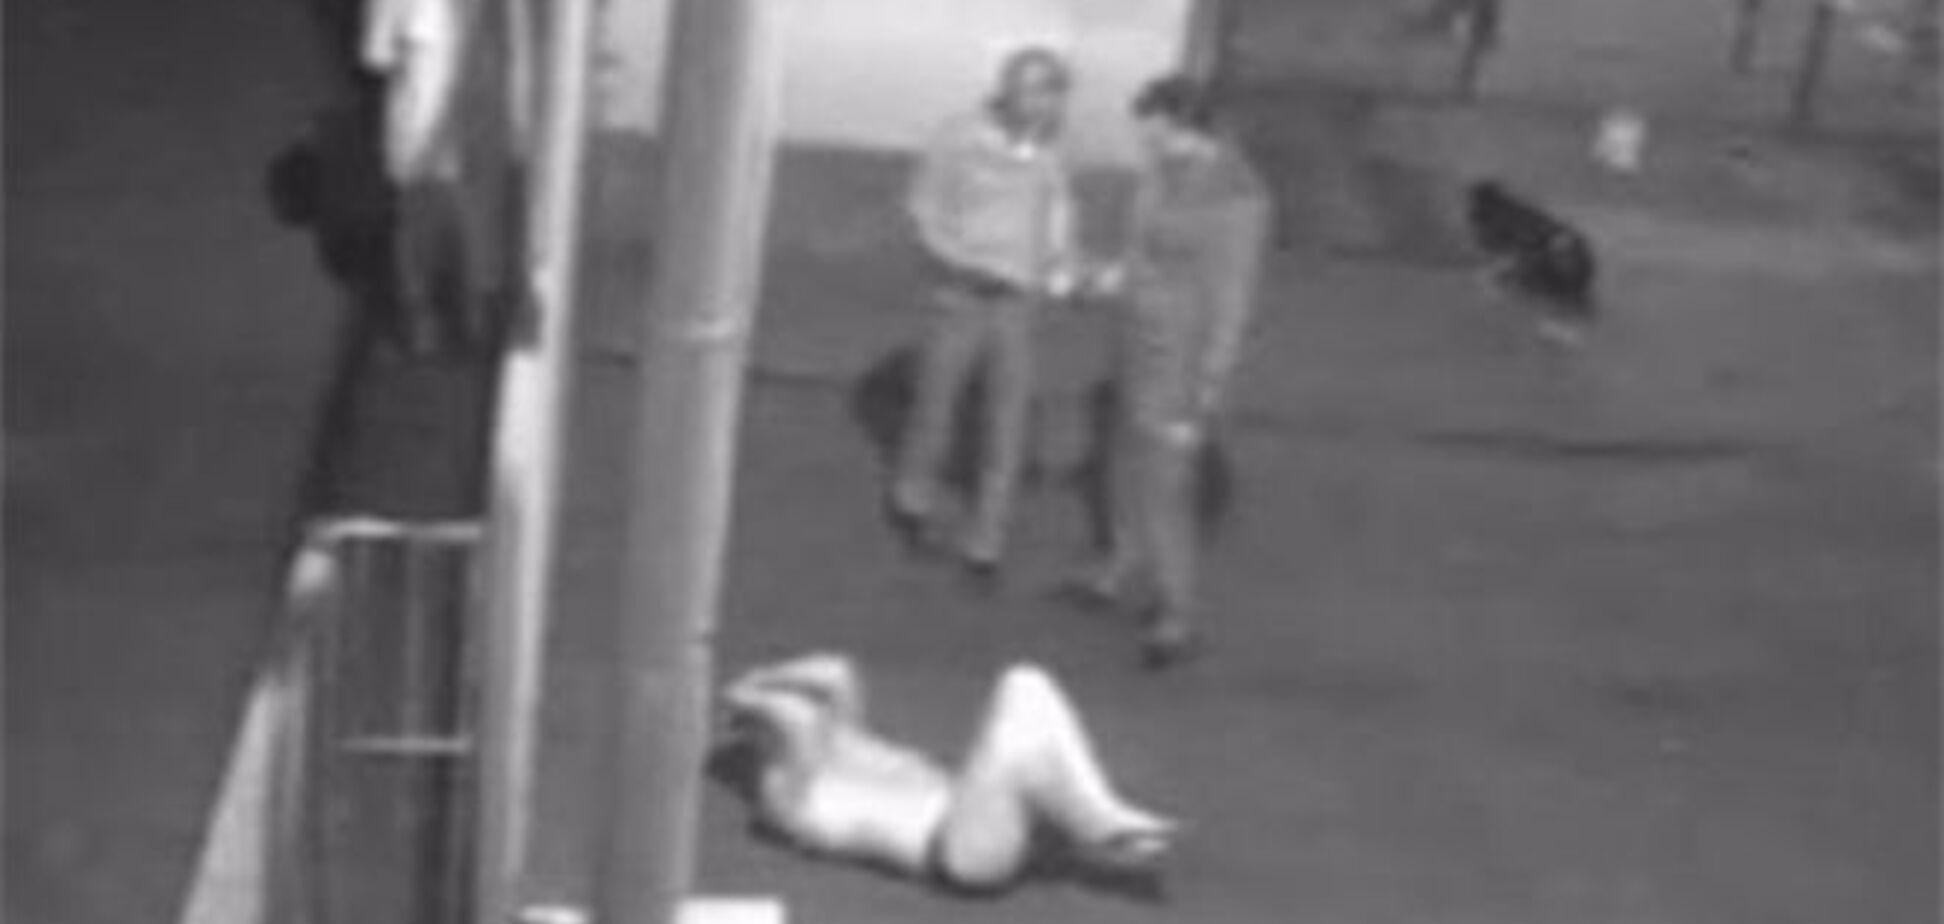 П'яний житель Врадіївки в трусах кидався на людей